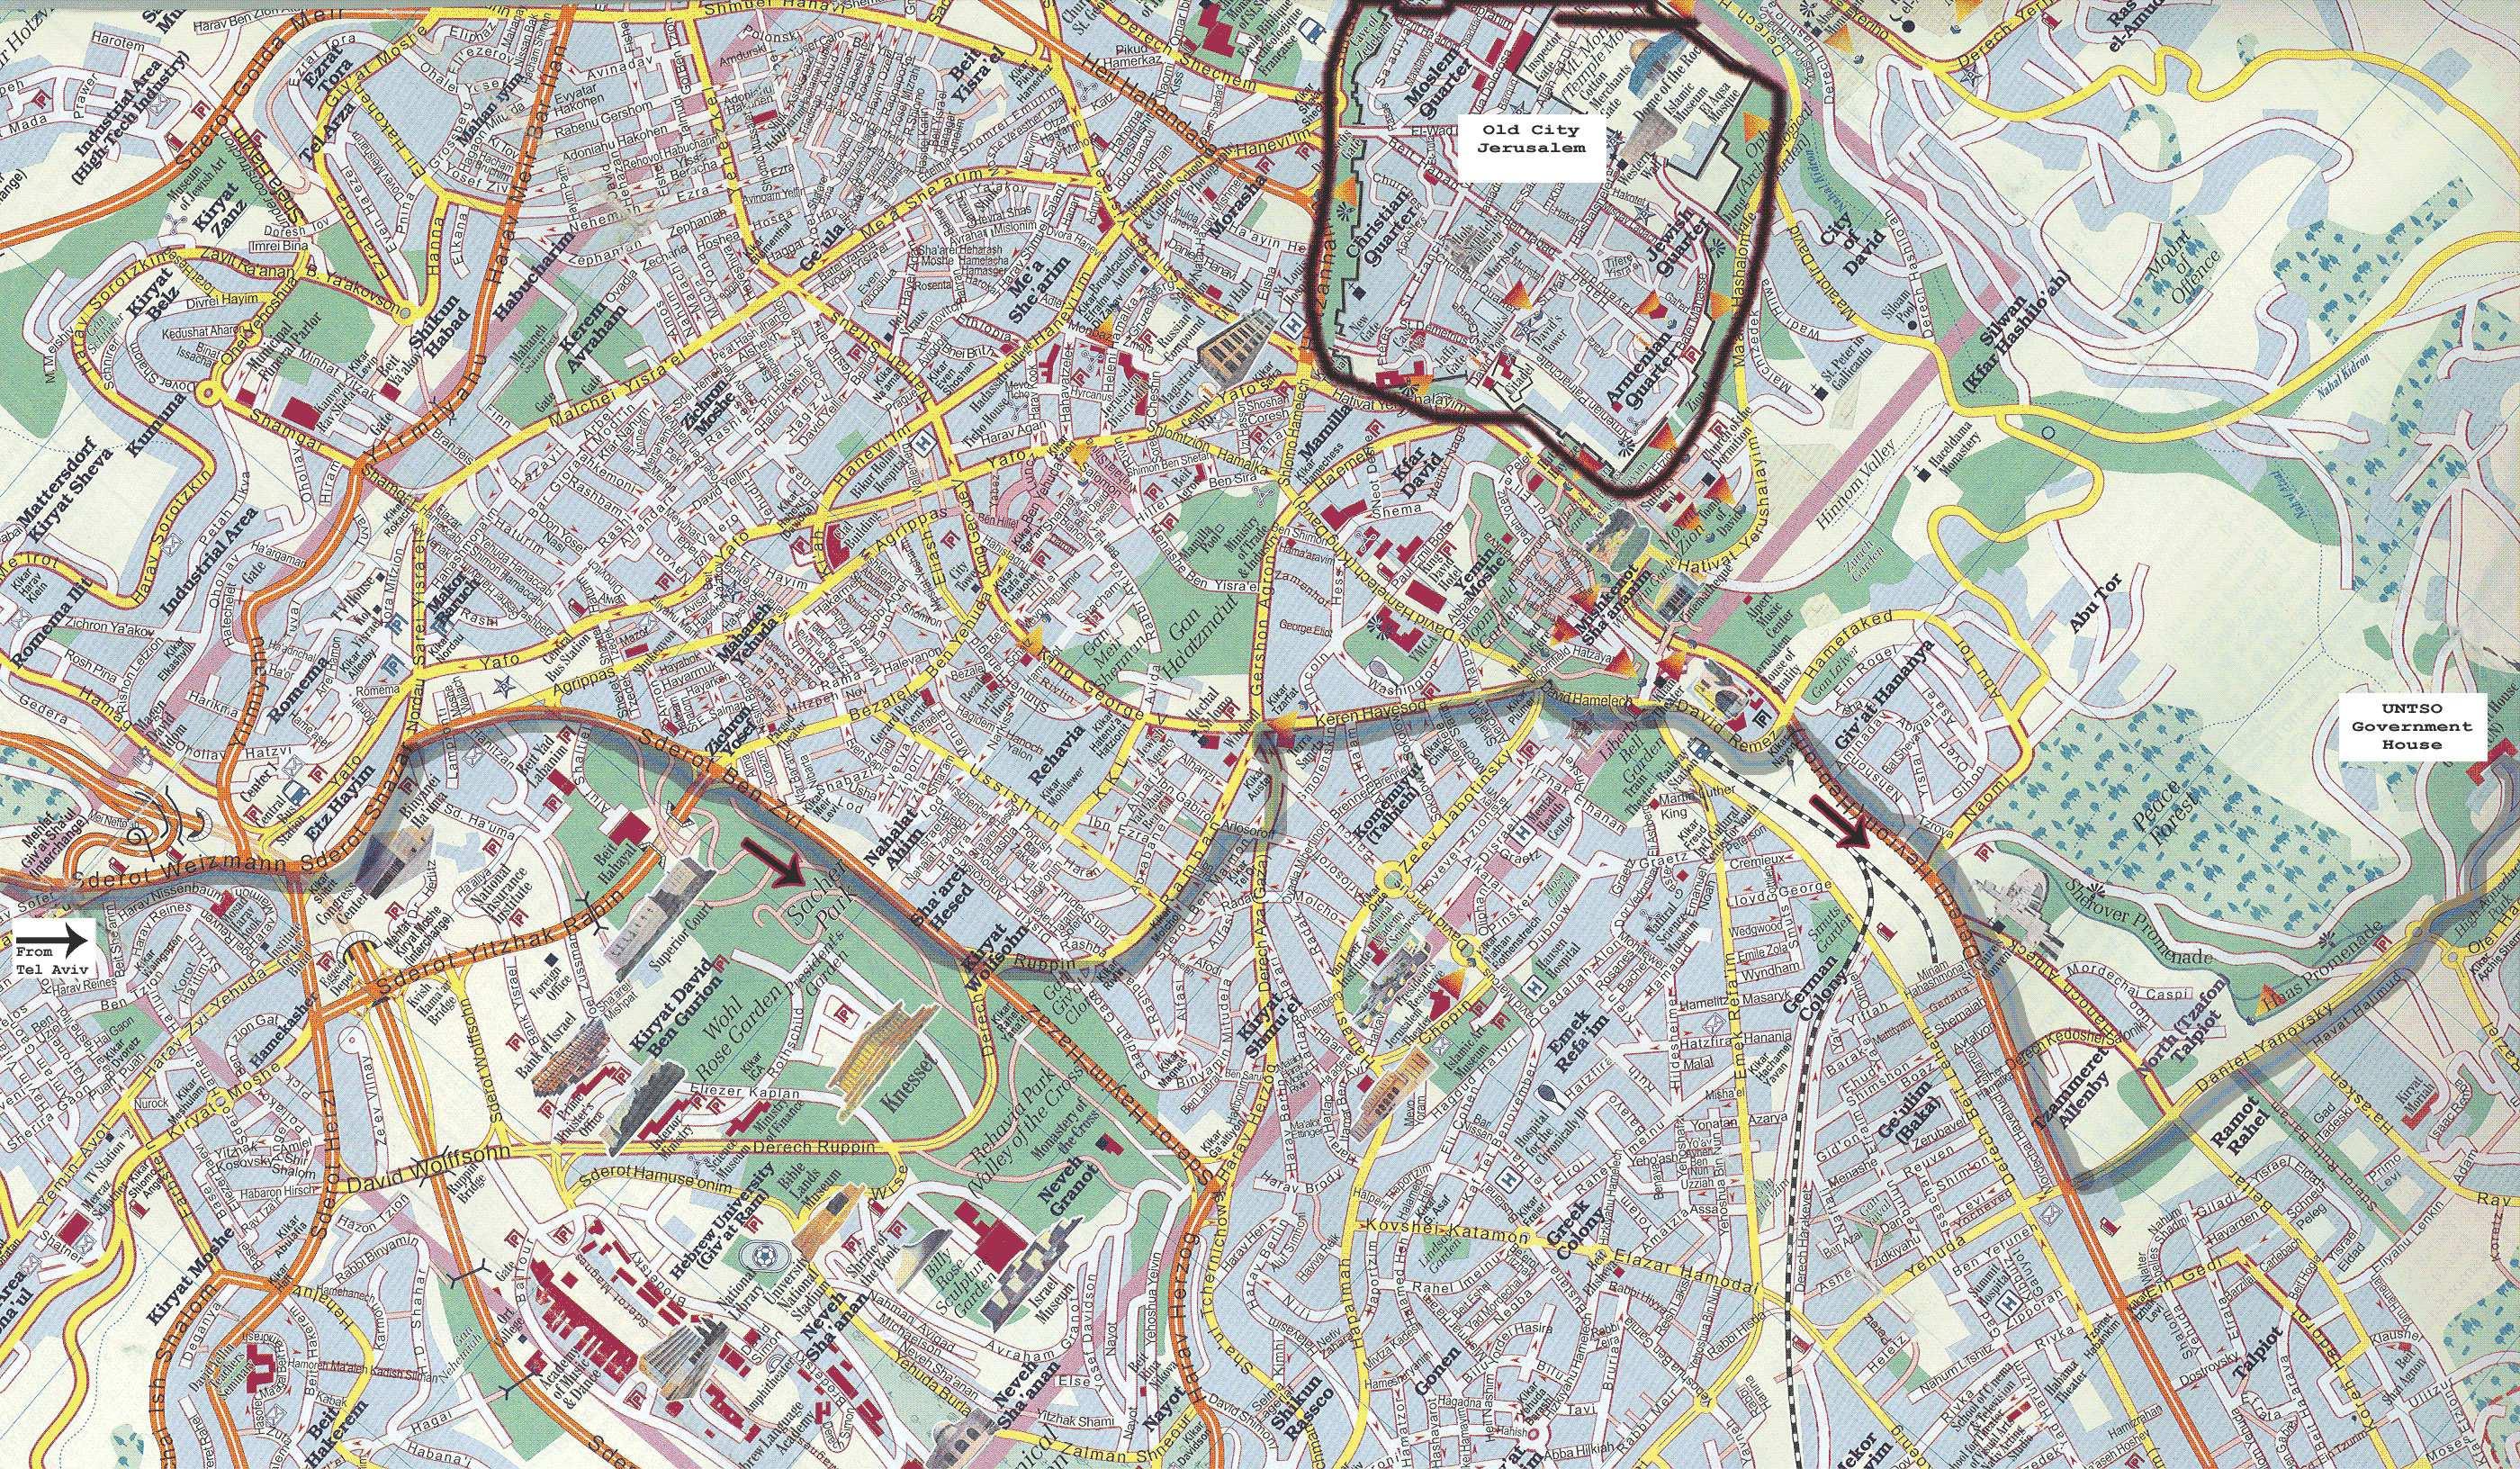 Map Of Jerusalem Large Jerusalem Maps for Free Download and Print   High Resolution  Map Of Jerusalem